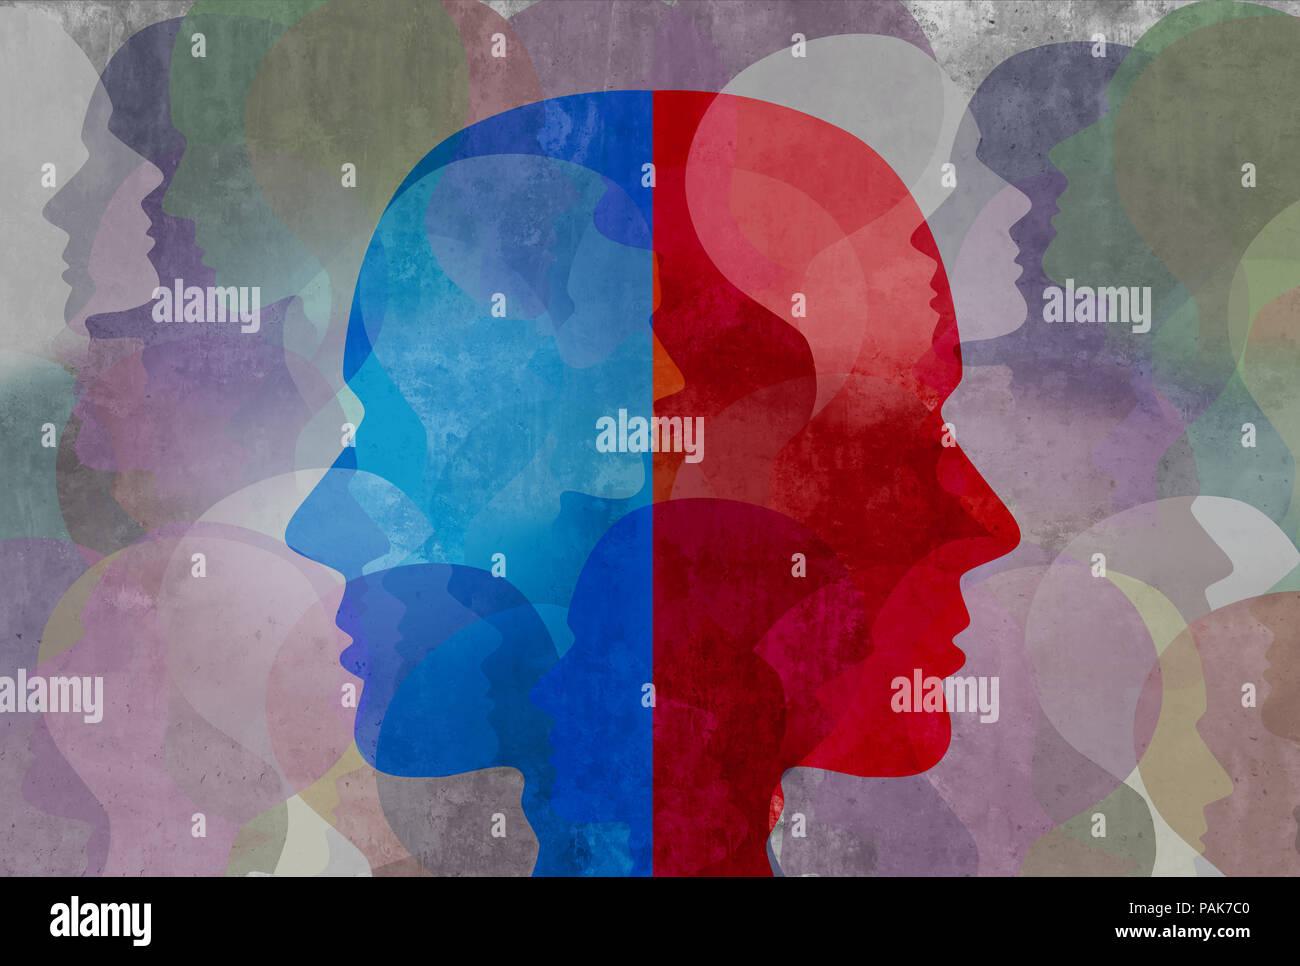 La schizophrénie et le dédoublement de personnalité et de santé mentale trouble psychiatrique dans un concept 3d illustration style. Photo Stock